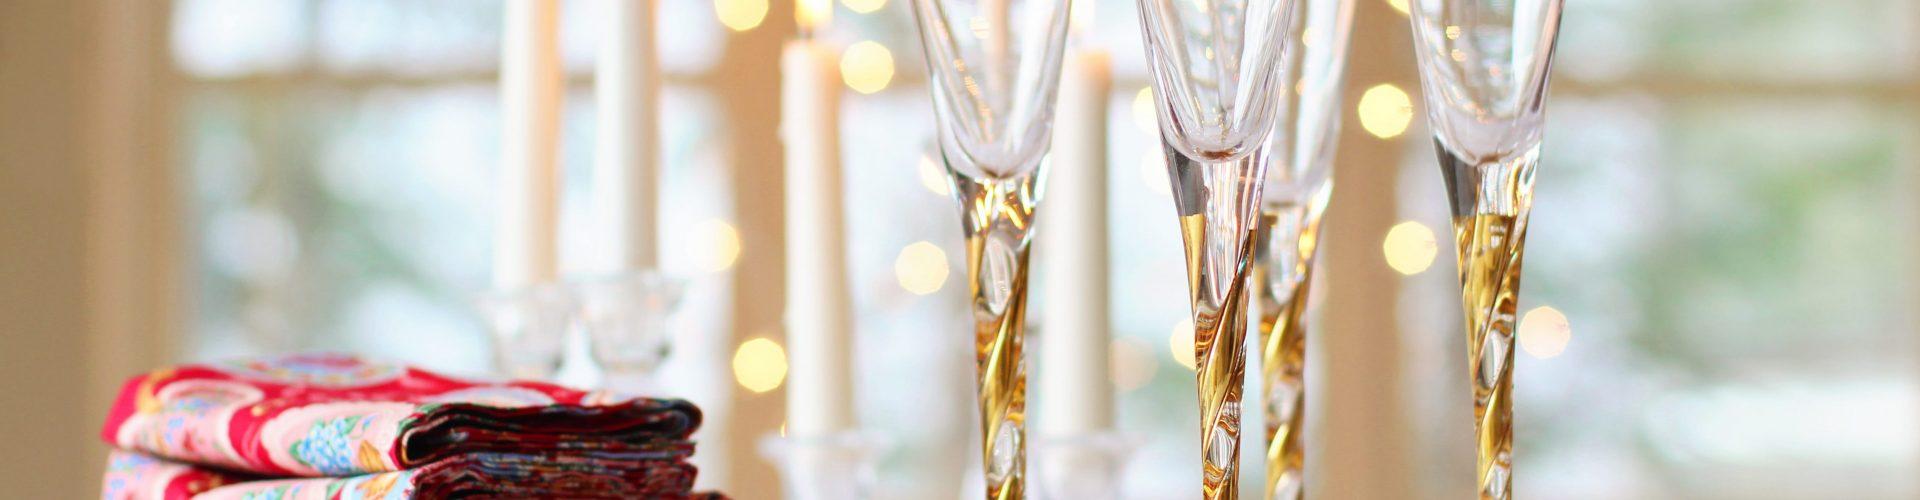 Natale e arredamento: 7 accessori tavola e casa da non perdere